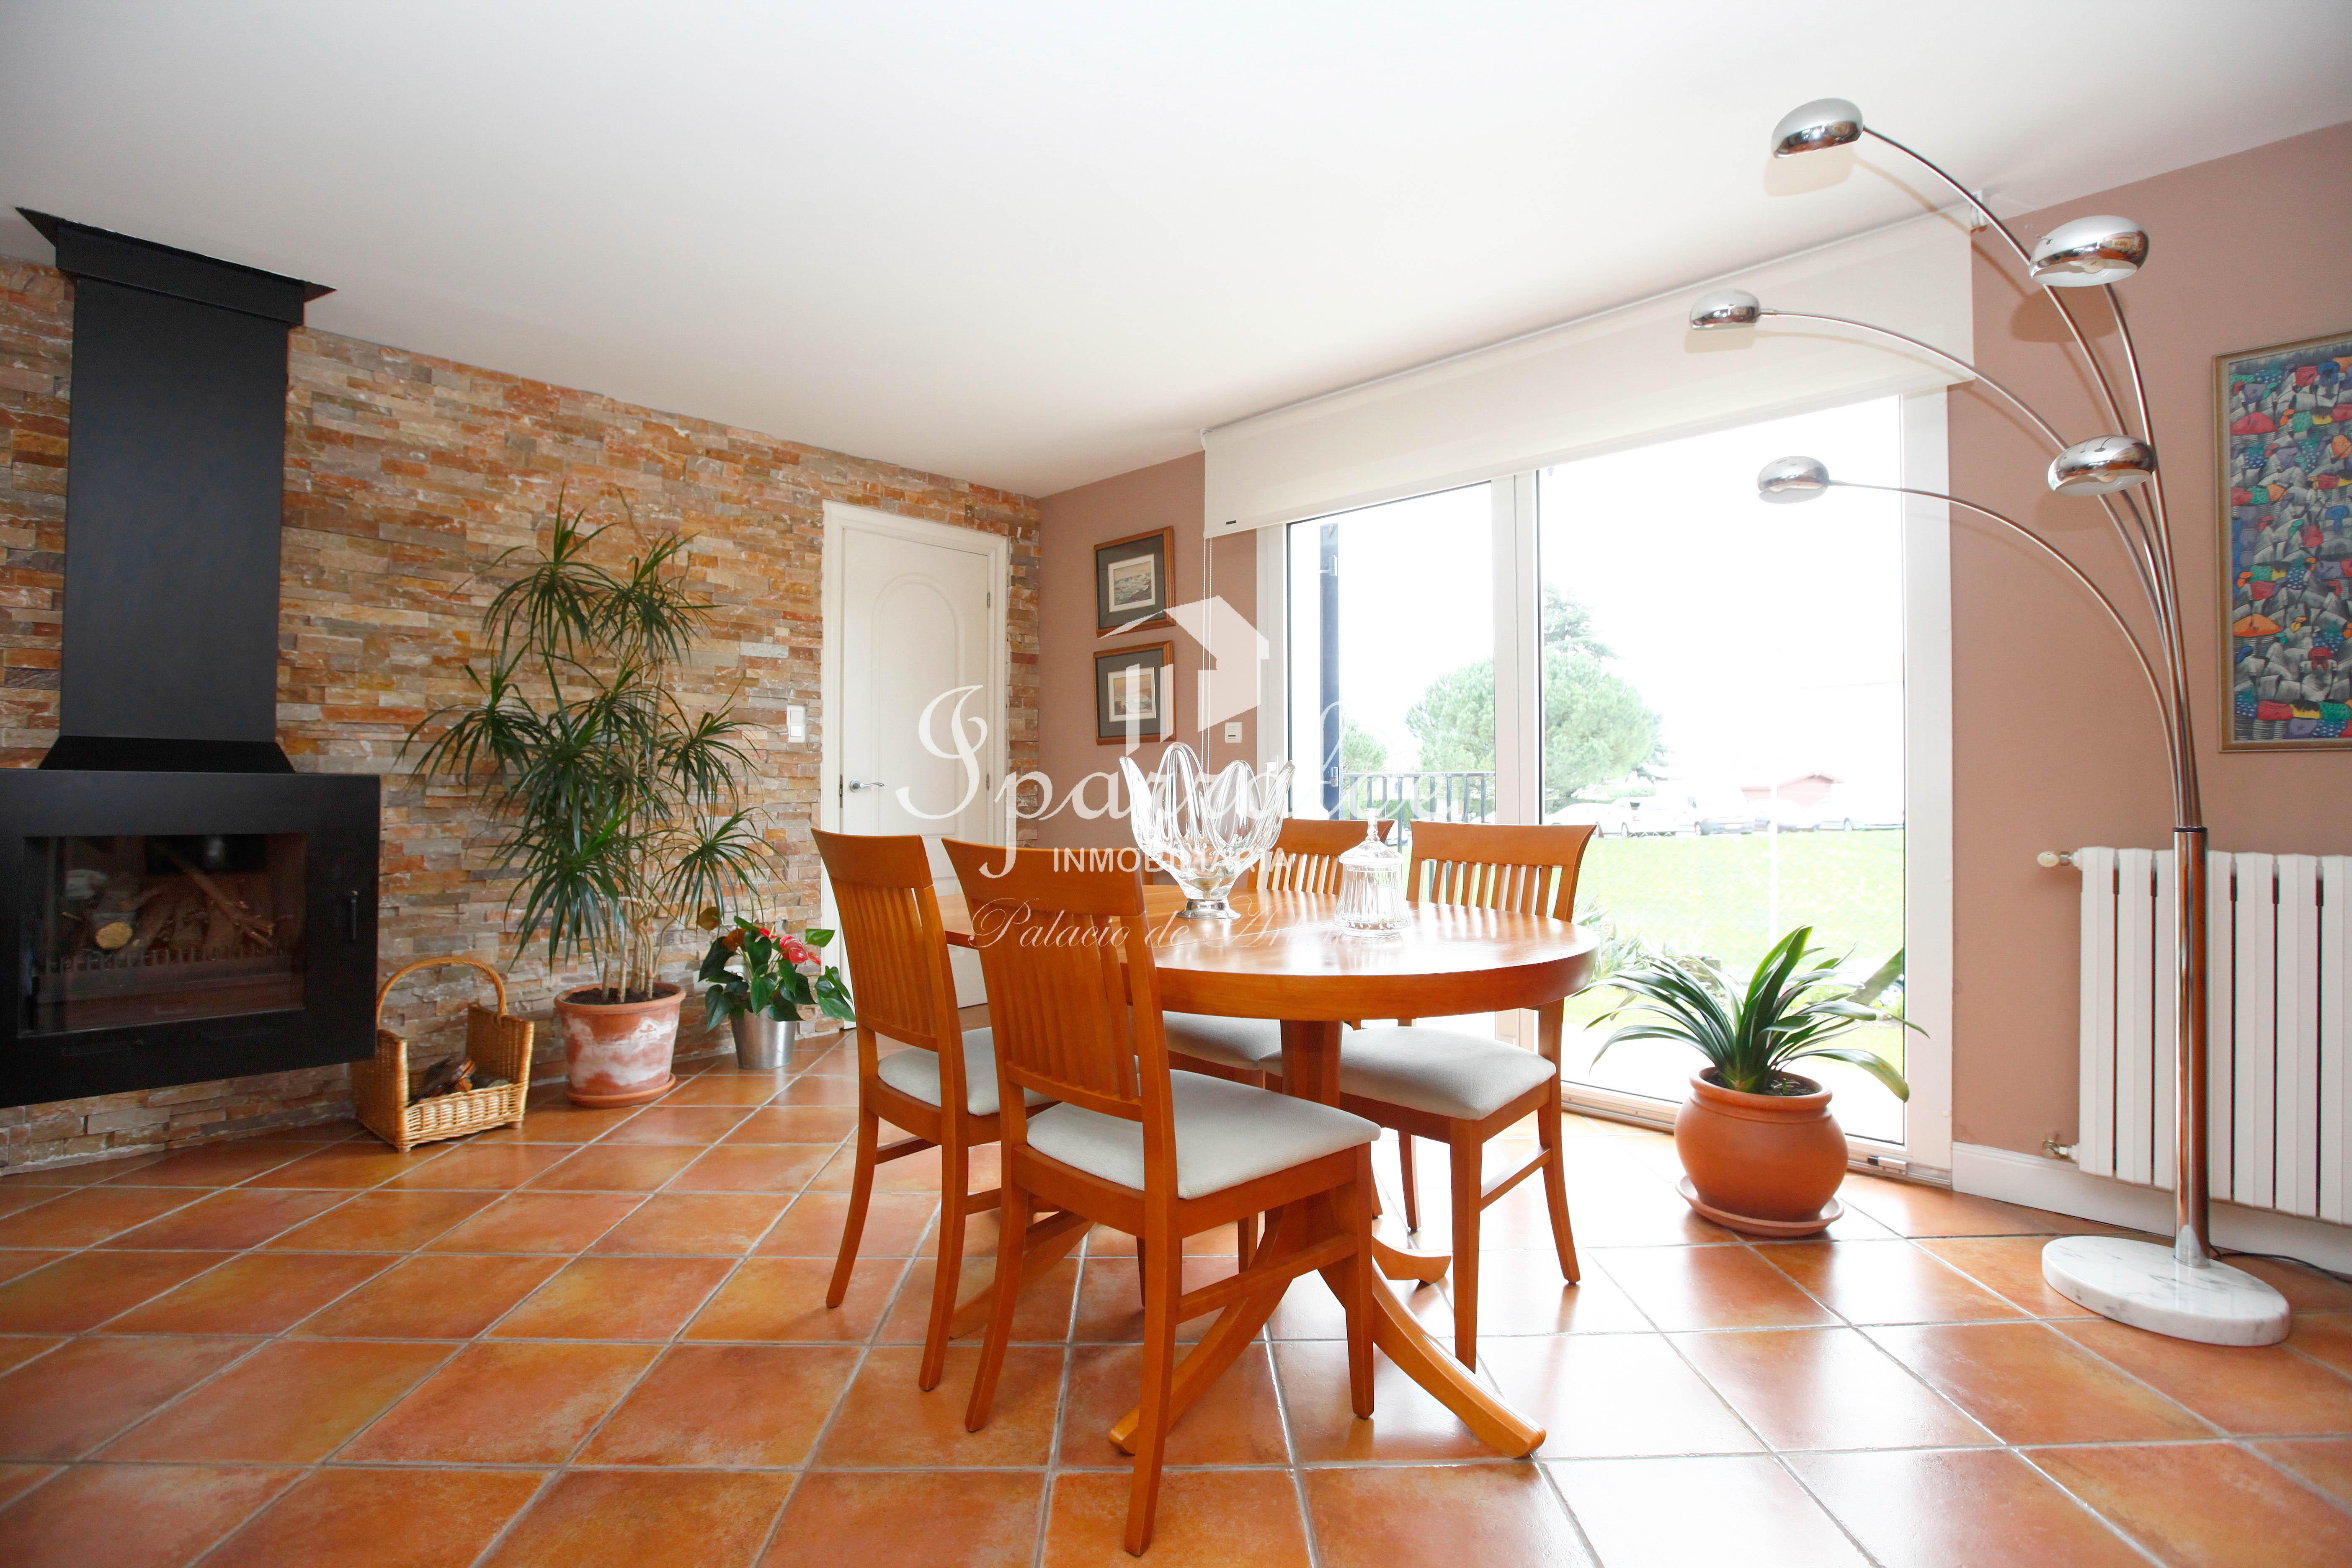 Preciosa villa individual con jardín idelamente situada.